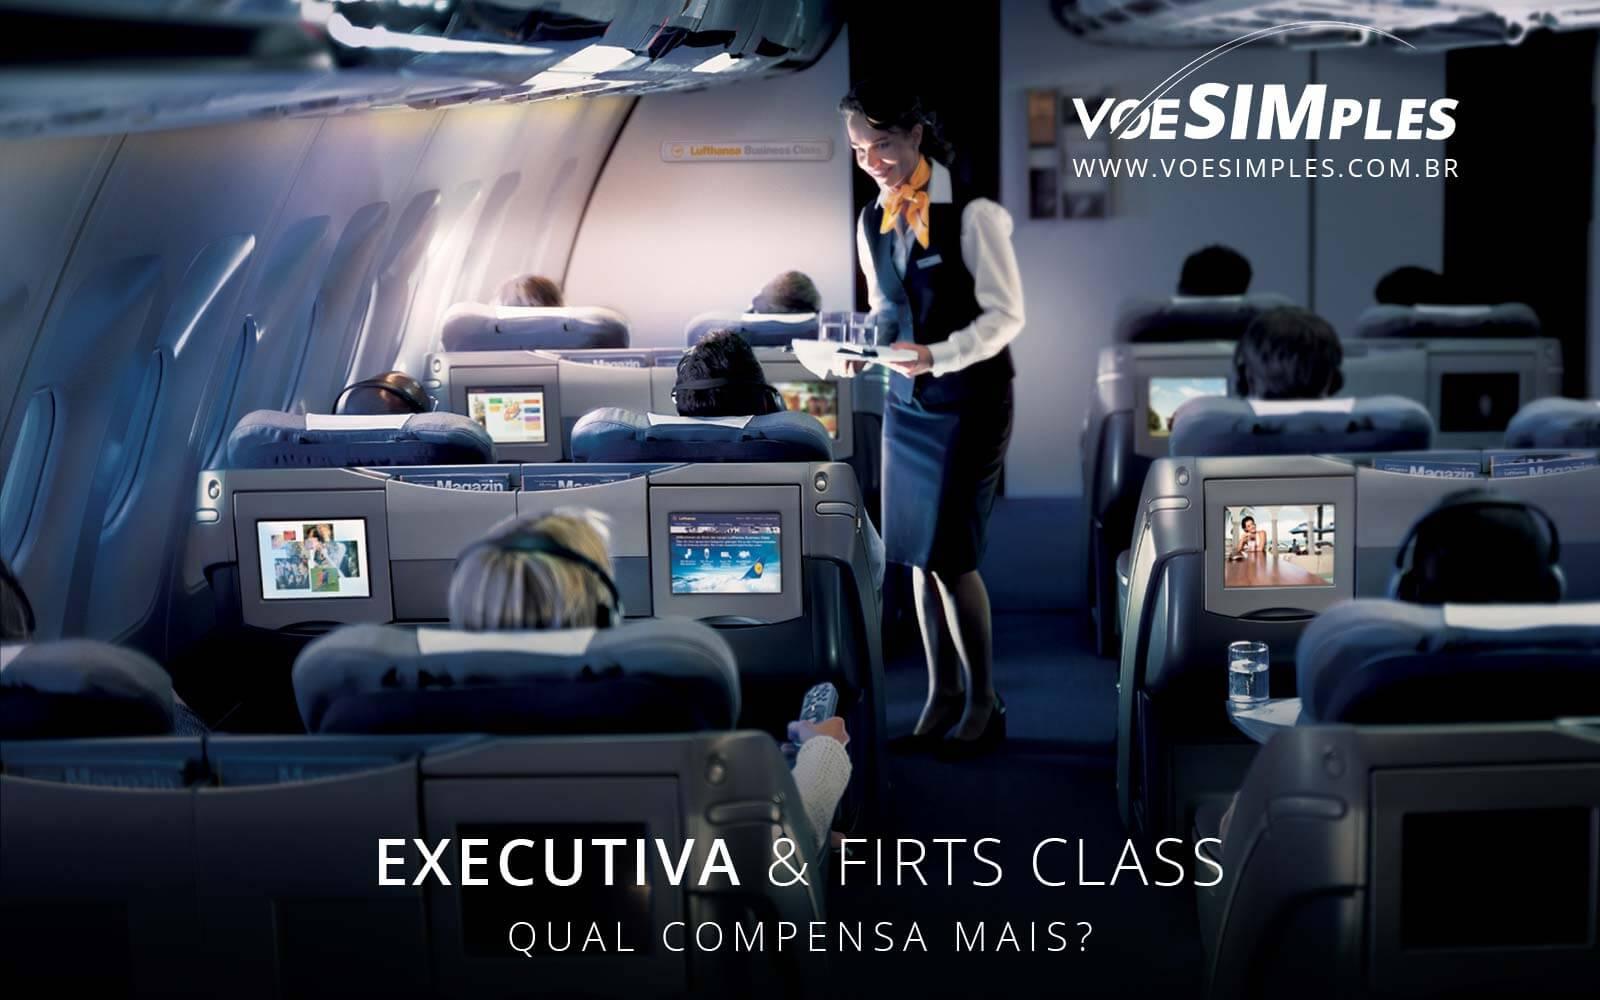 fotos-pontos-turisticos-multi-destinos-pais-continente-voe-simples-promocao-passagens-aereas-executivas-pais-passagens-aereas-executivas-promo-multi-destinos-02